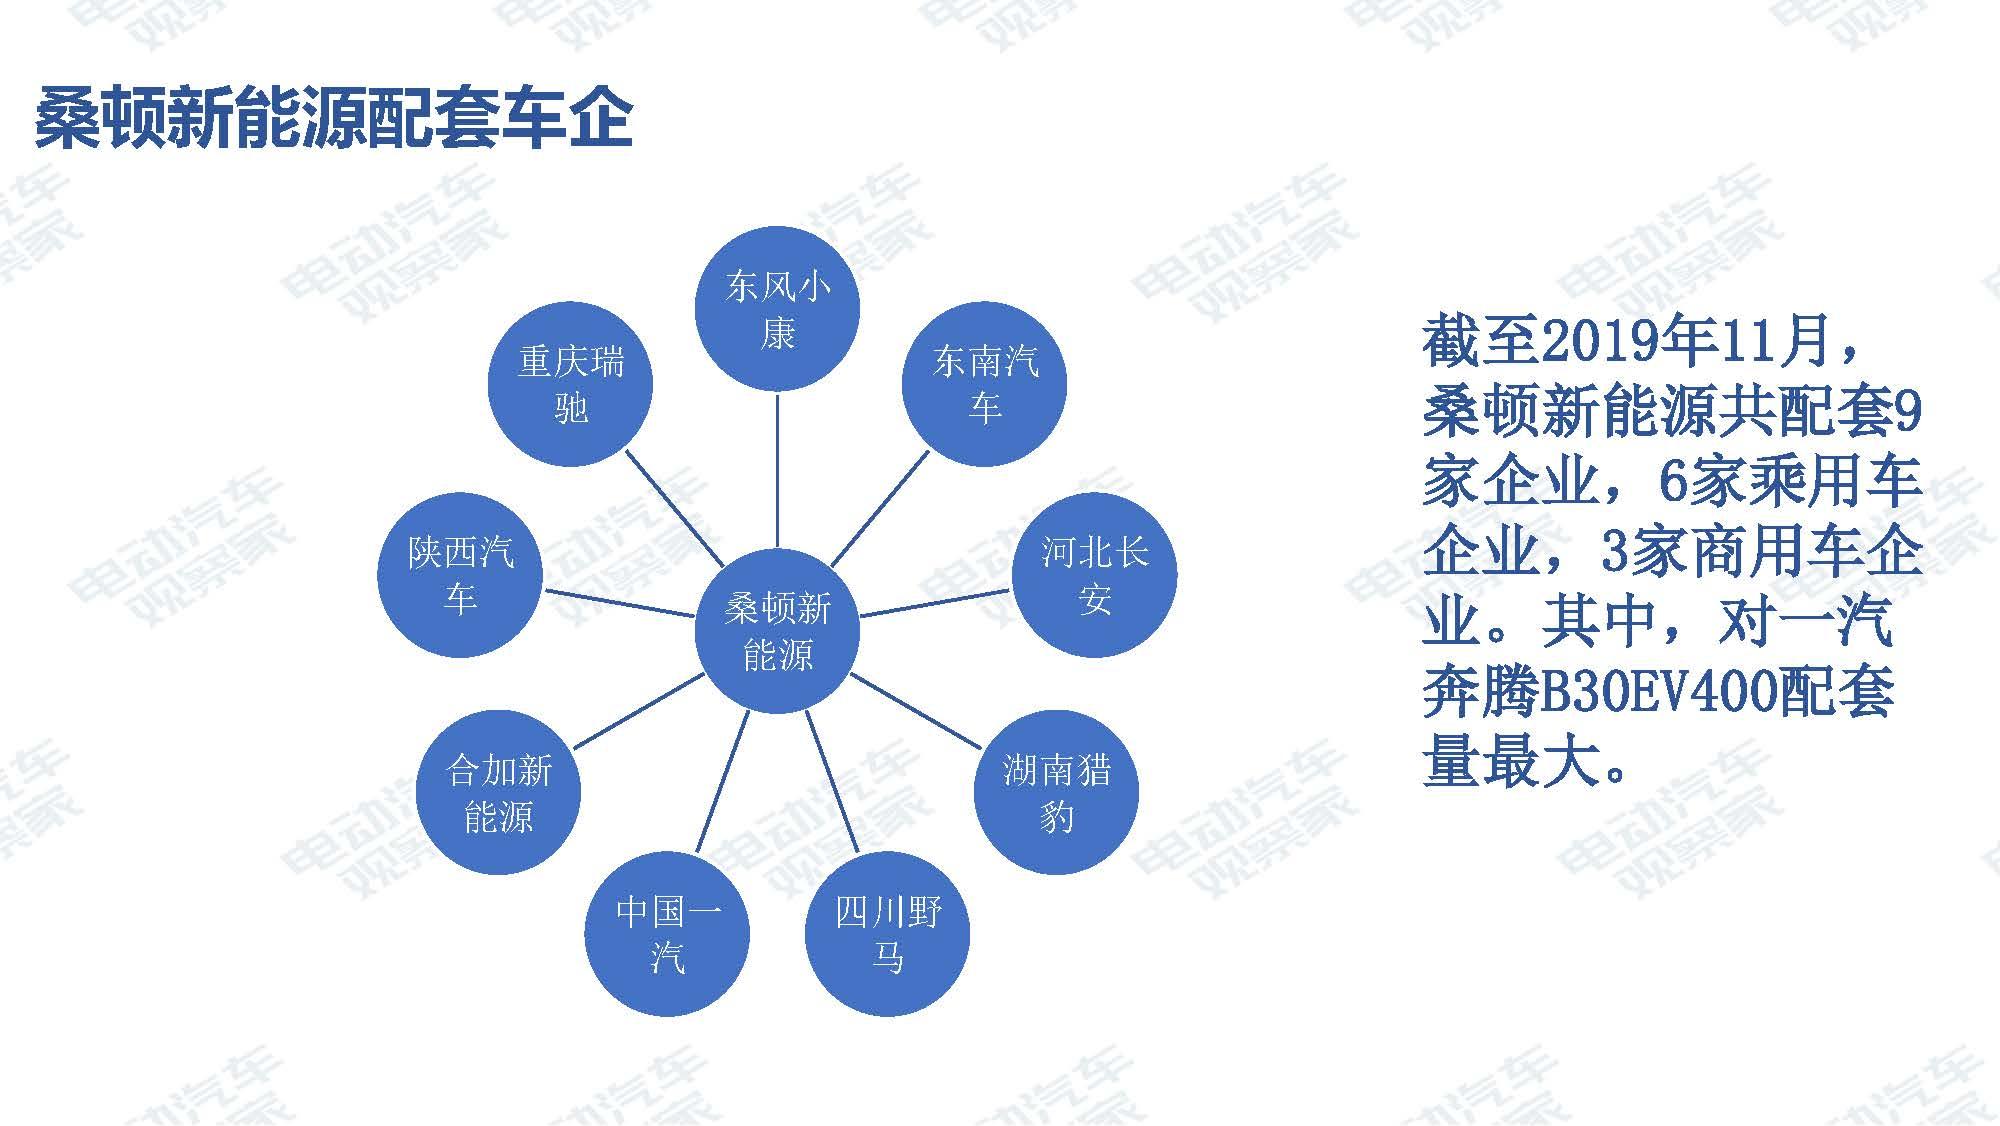 2019年11月中国新能源汽车产业观察_页面_101